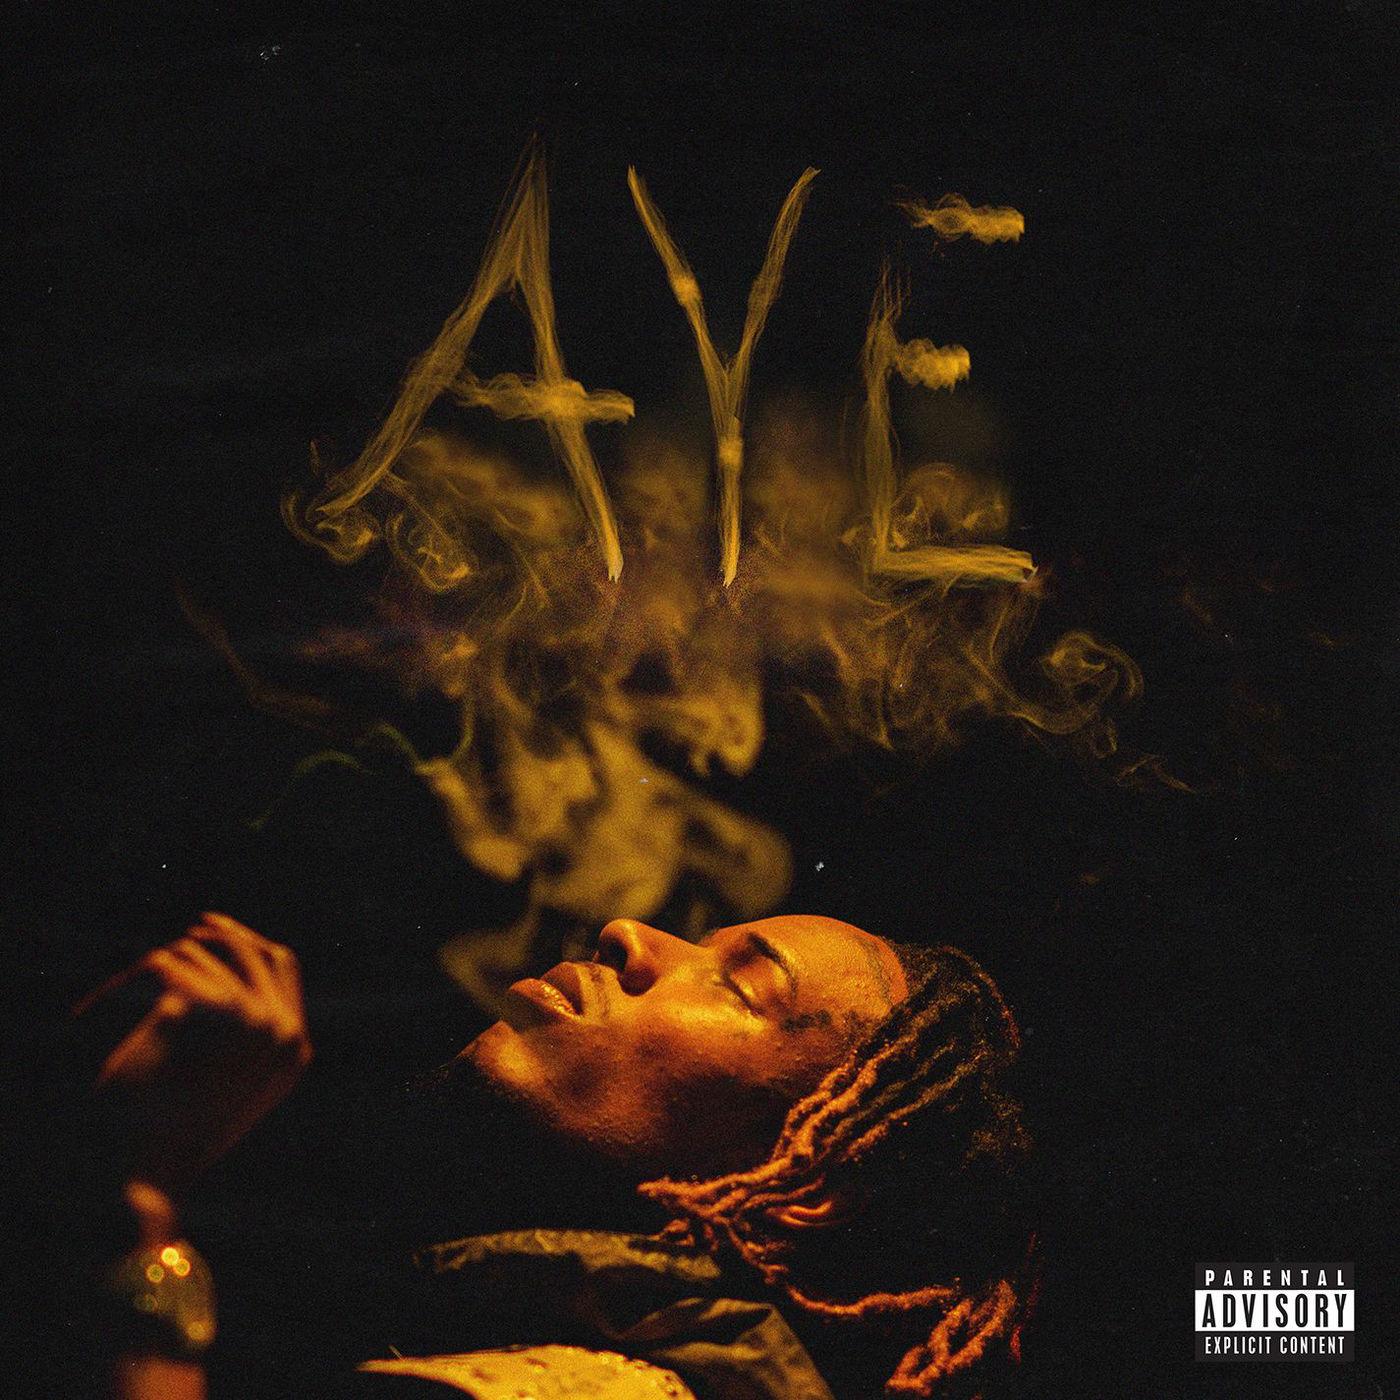 Fetty Wap - Aye - Single Cover